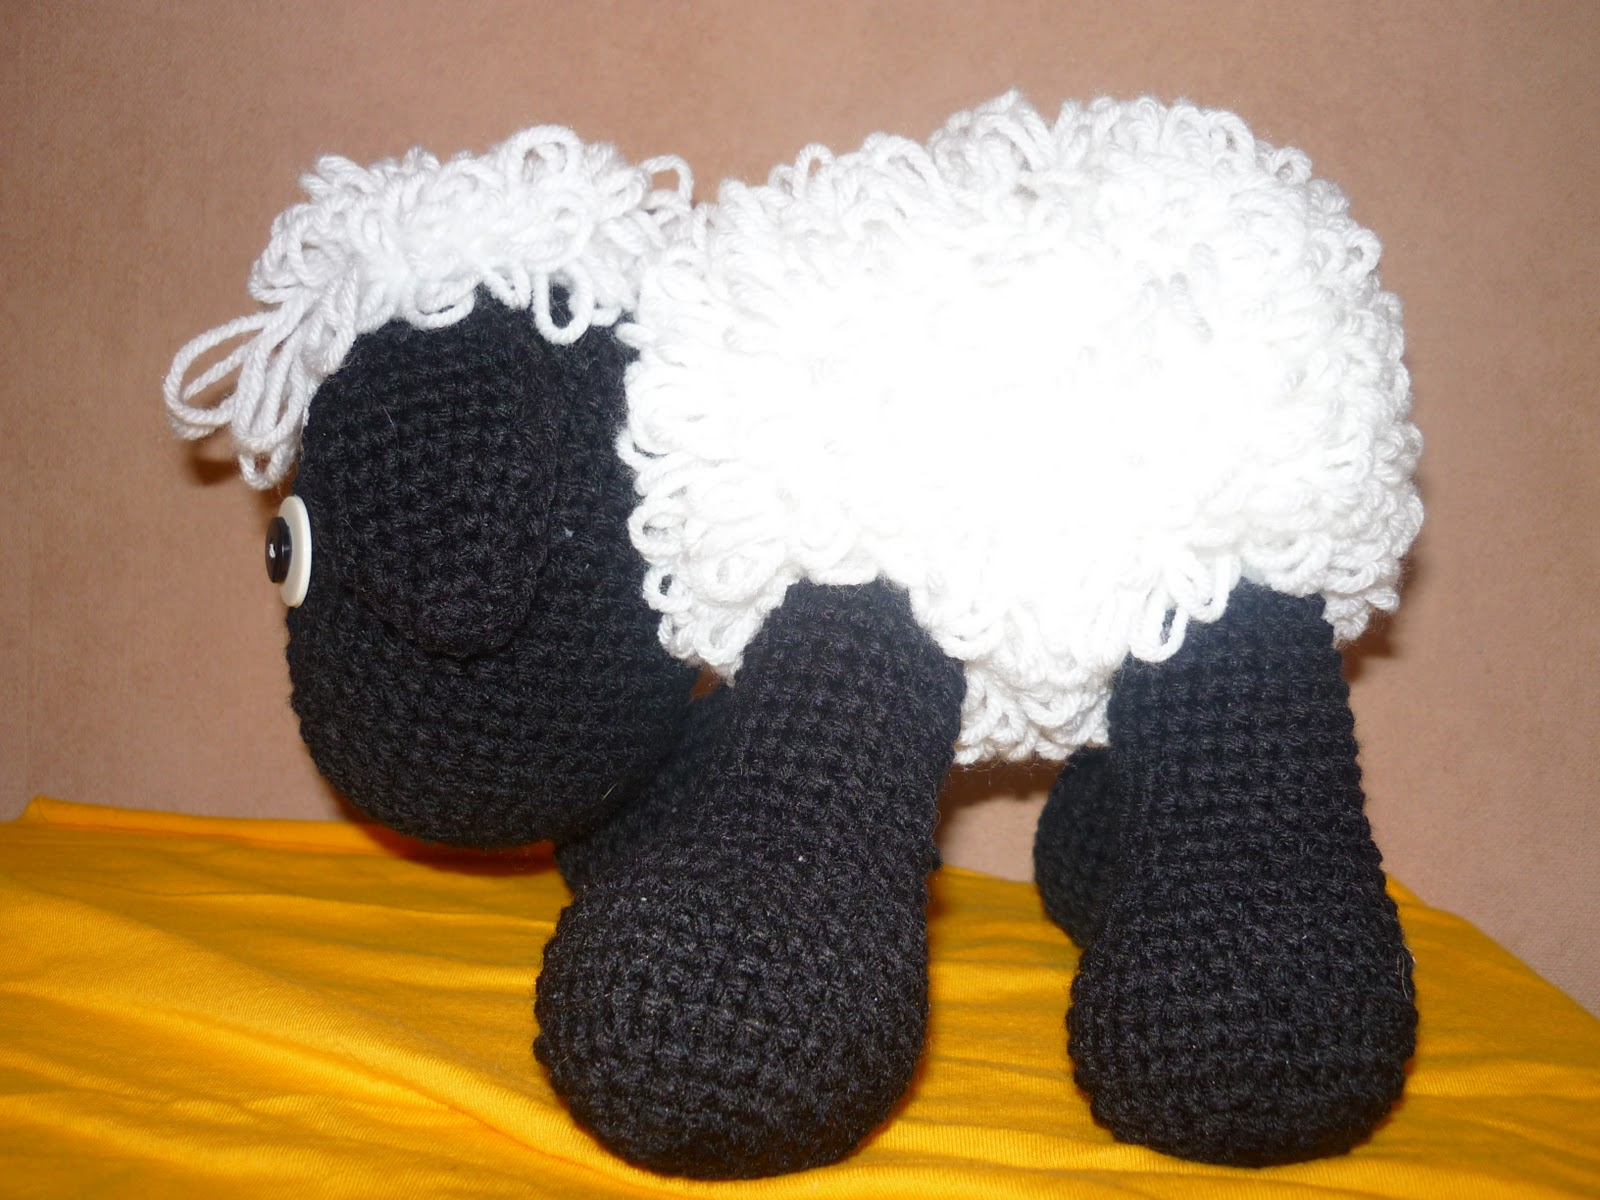 Tutorial Oveja Amigurumi Paso A Paso En Espanol : Tejiendo Suenos: Oveja Amigurumi crochet + Patron